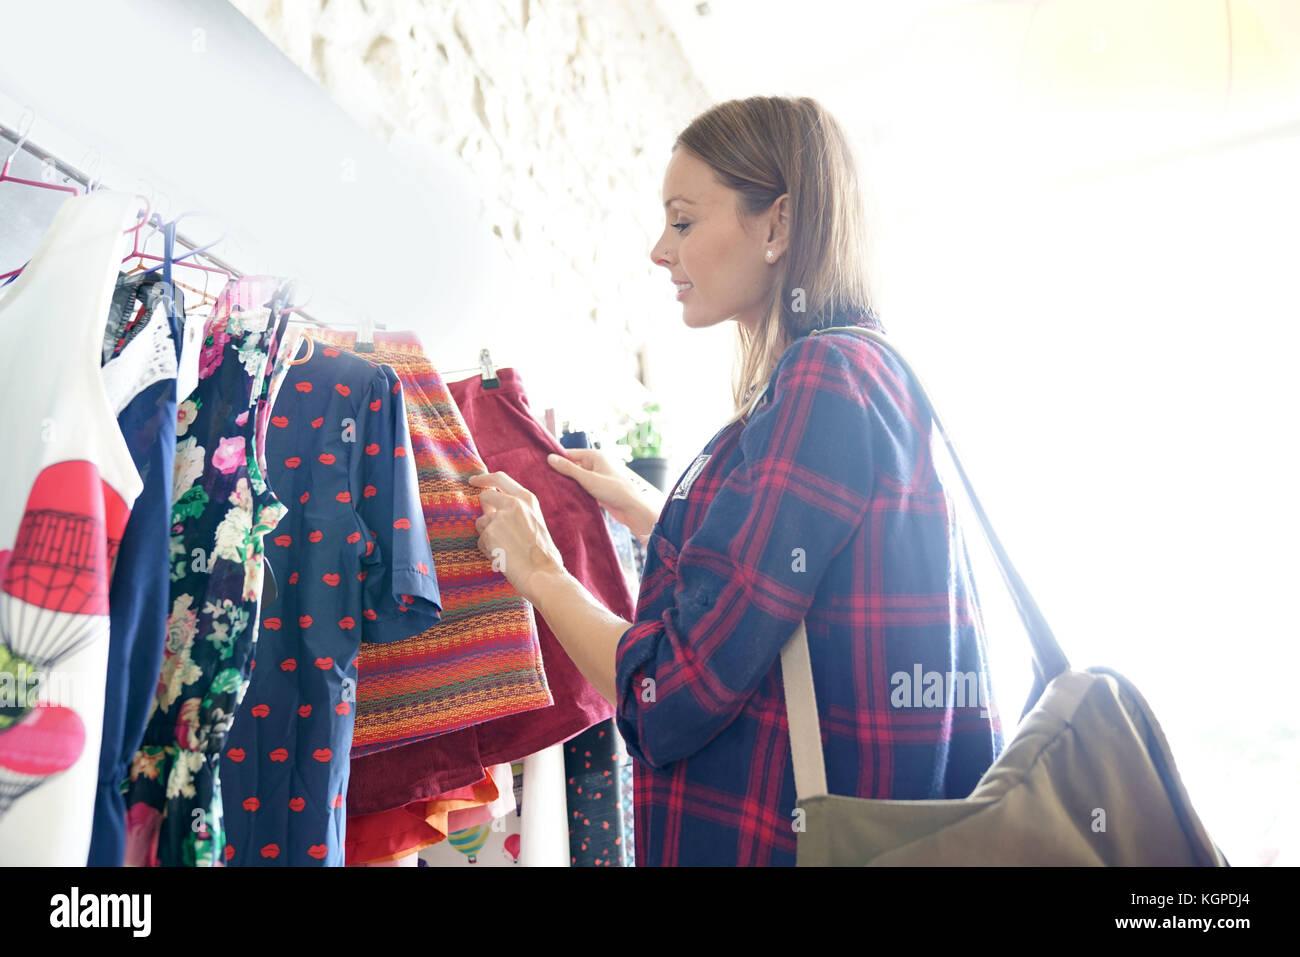 La donna nel negozio di abbigliamento, giornata di shopping Immagini Stock